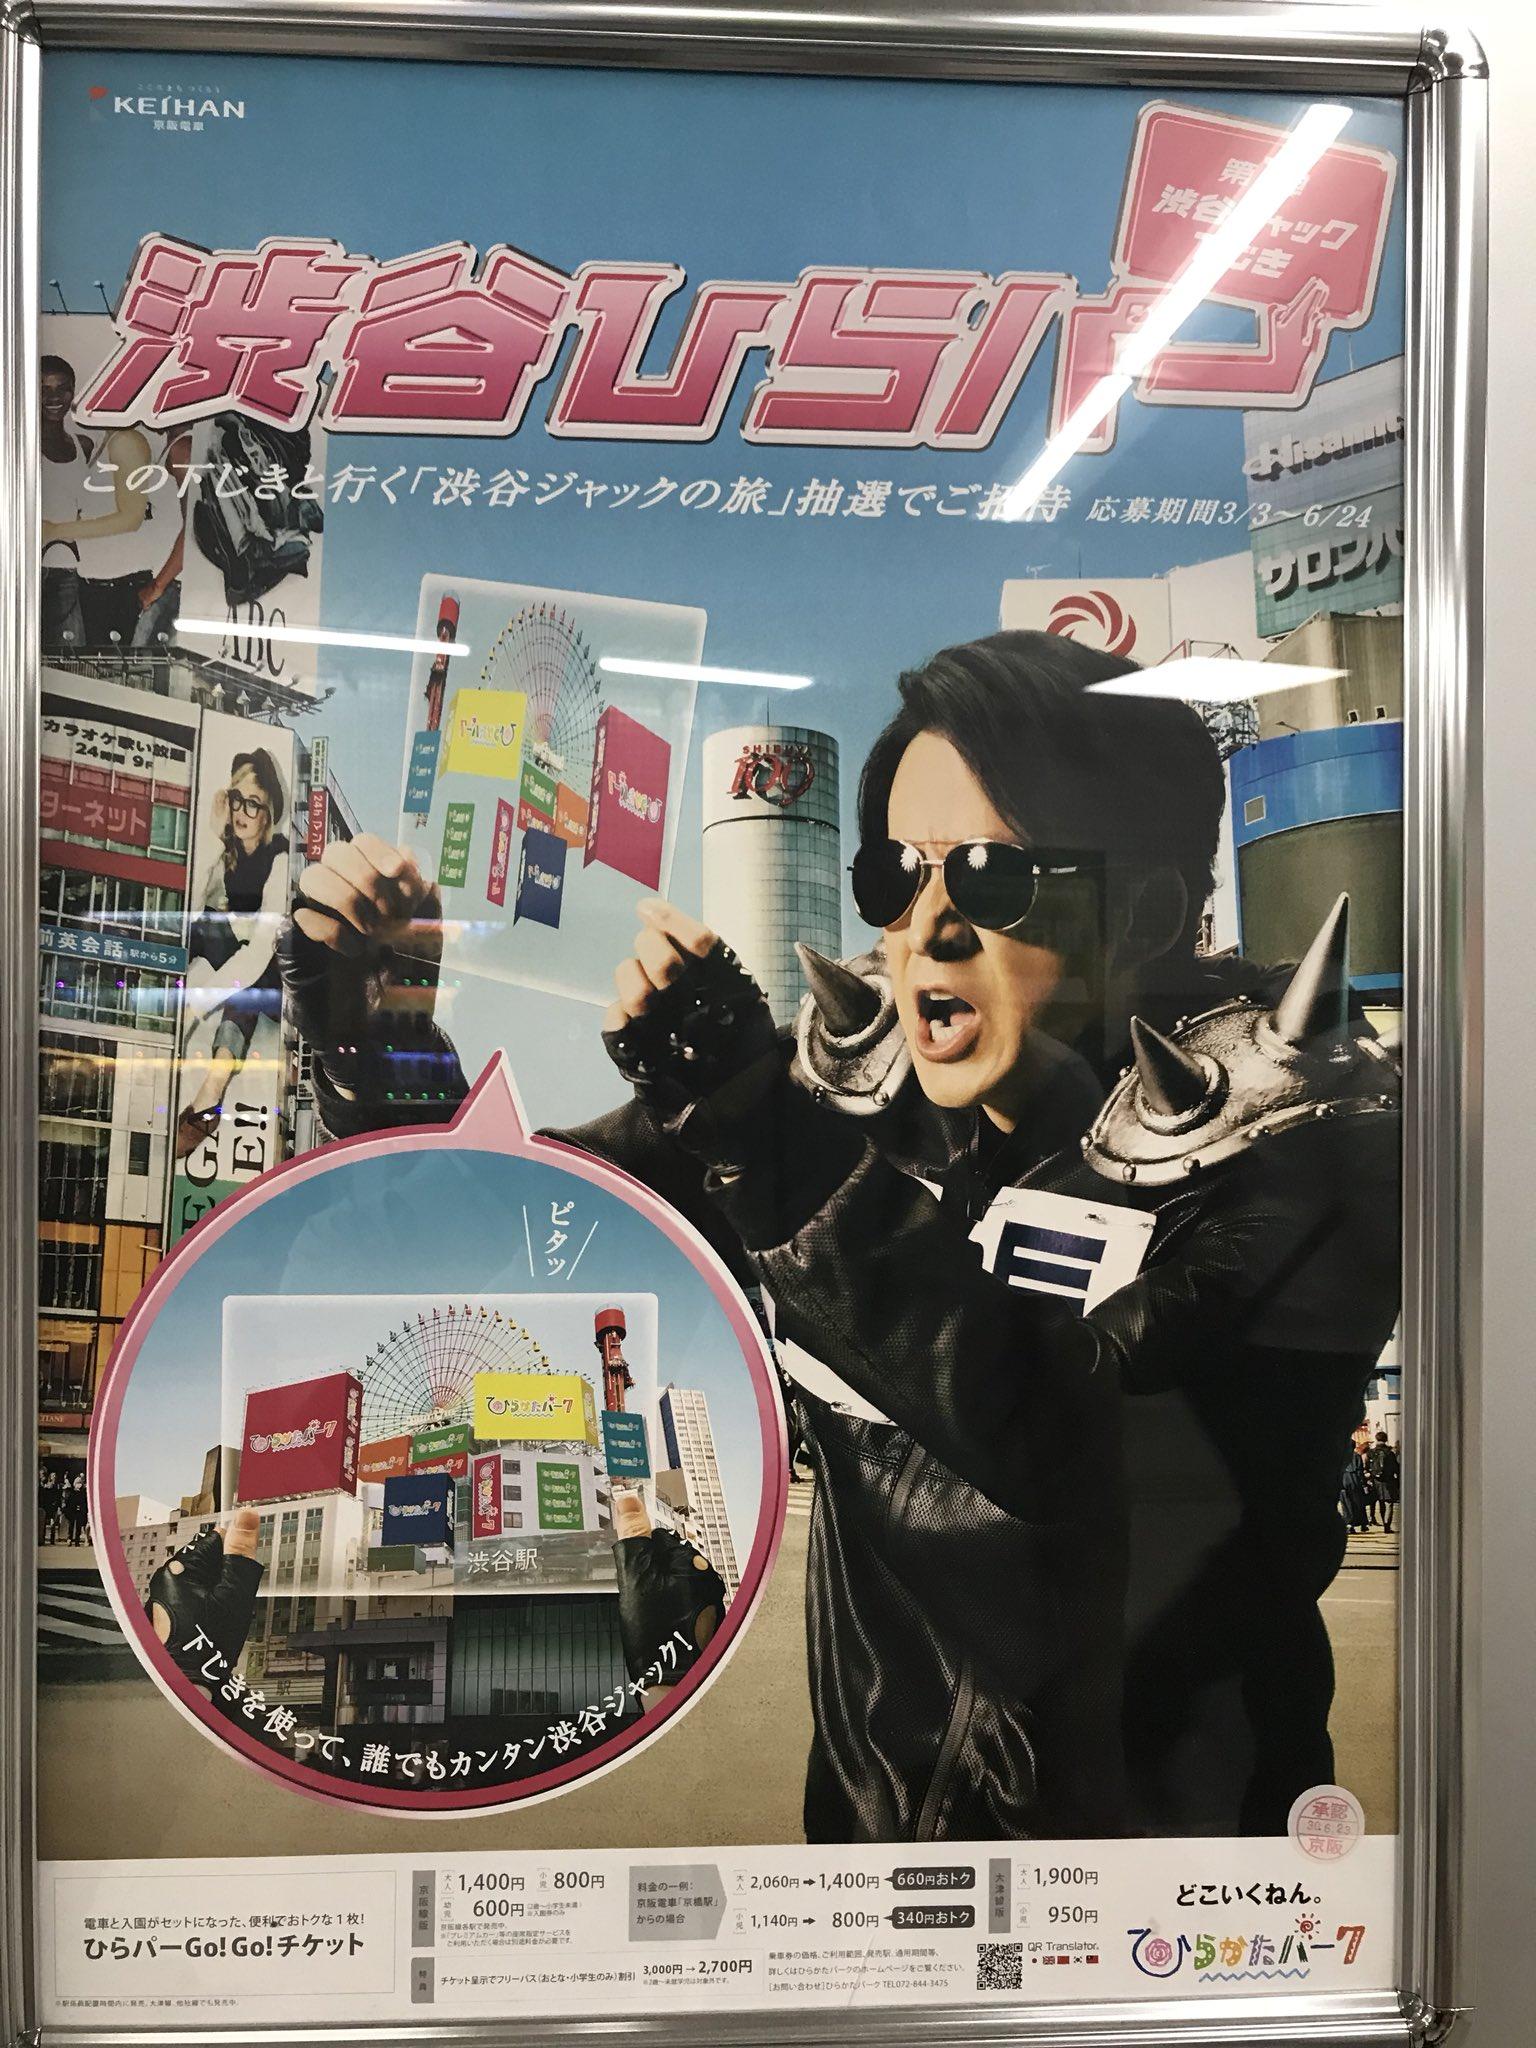 ひらパーで貰える下敷きを持って、渋谷の特定場所に行くと、渋谷の看板を全部ひらパーに出来るという画期的な企画。 意味わかんねーよ責任者出てこい。